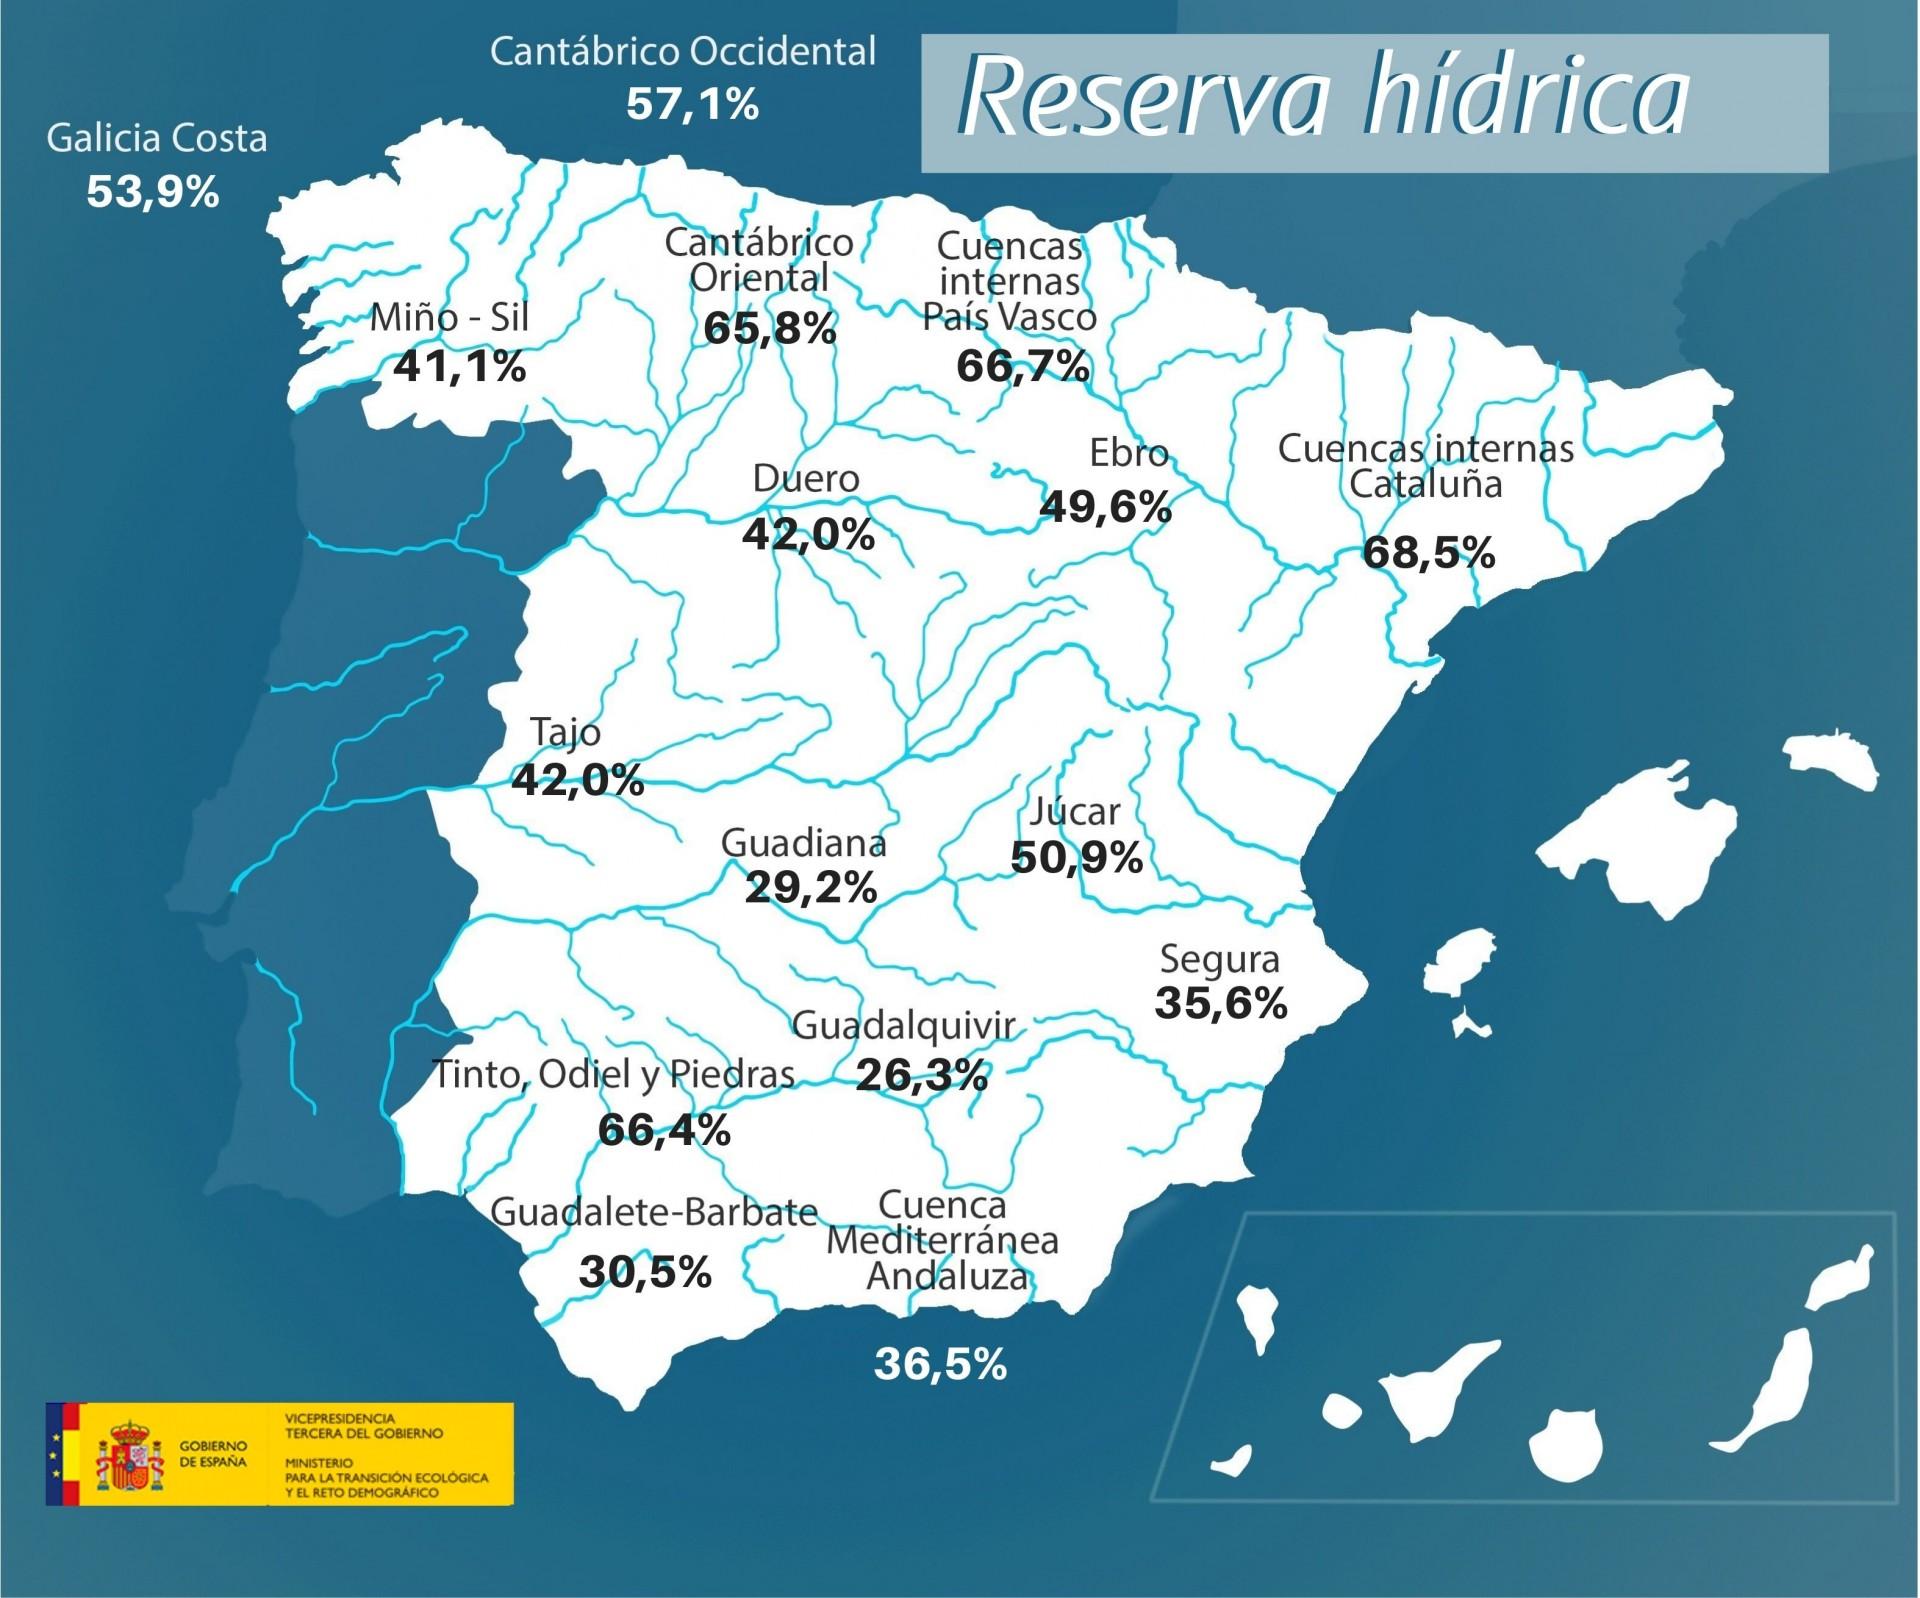 La reserva hídrica española se encuentra al 39,2 por ciento de su capacidad